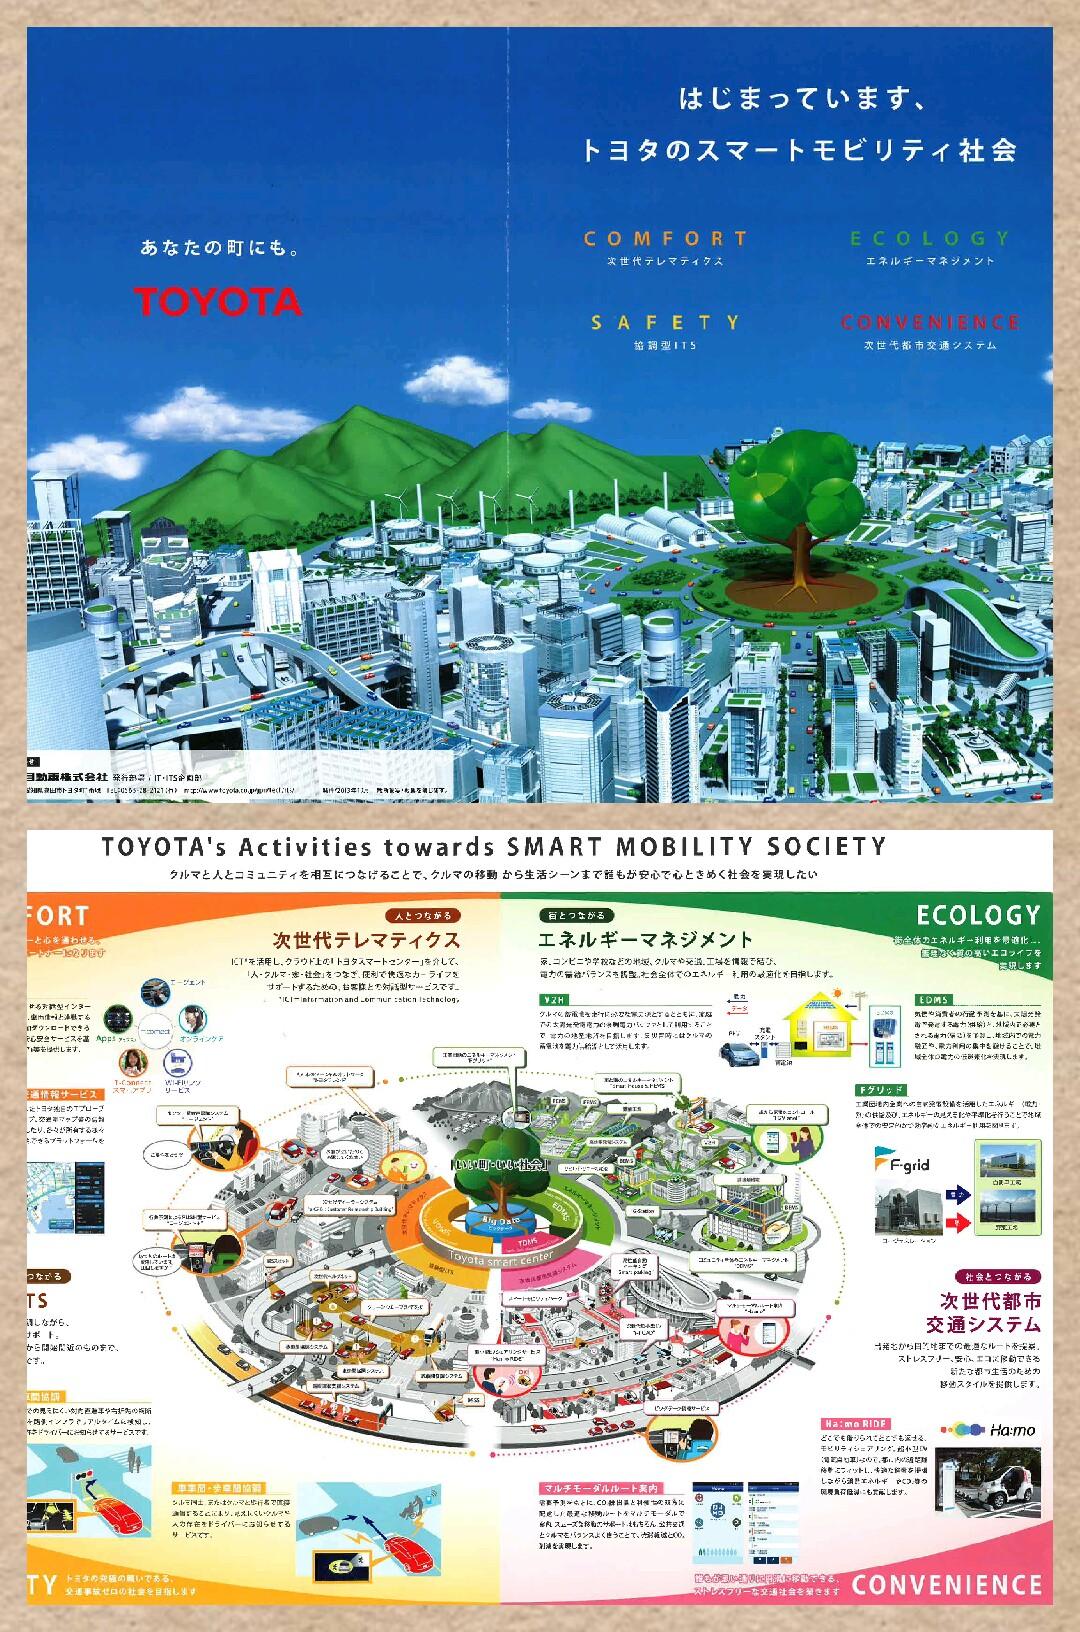 トヨタのスマートモビリティ社会